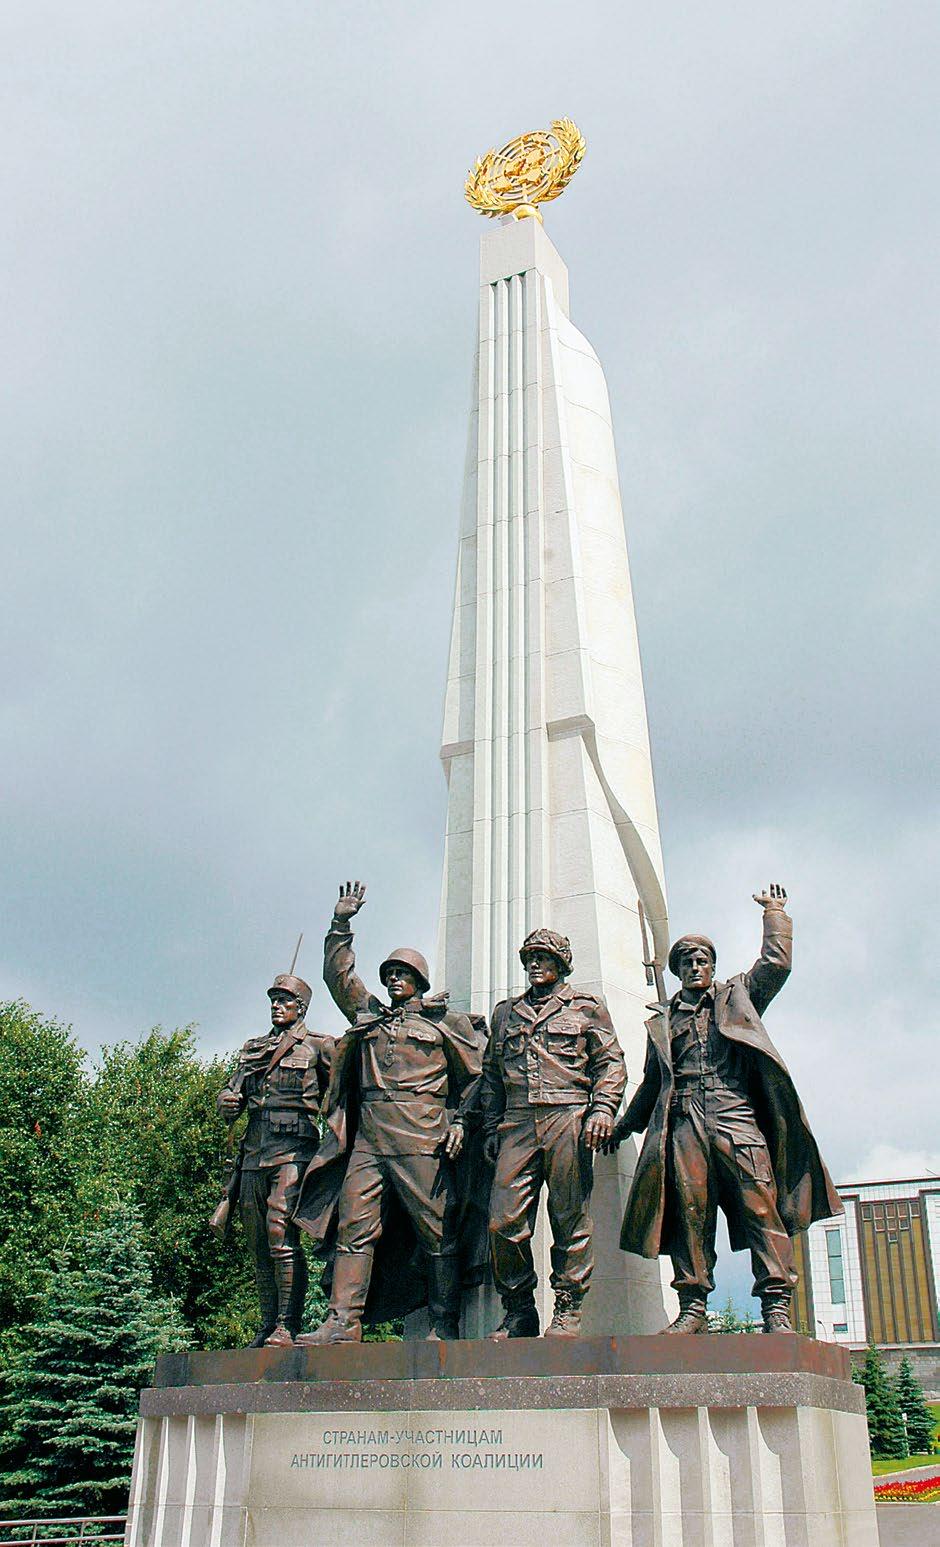 Памятник странам-участницам антигитлеровской коалиции на Поклонной горе